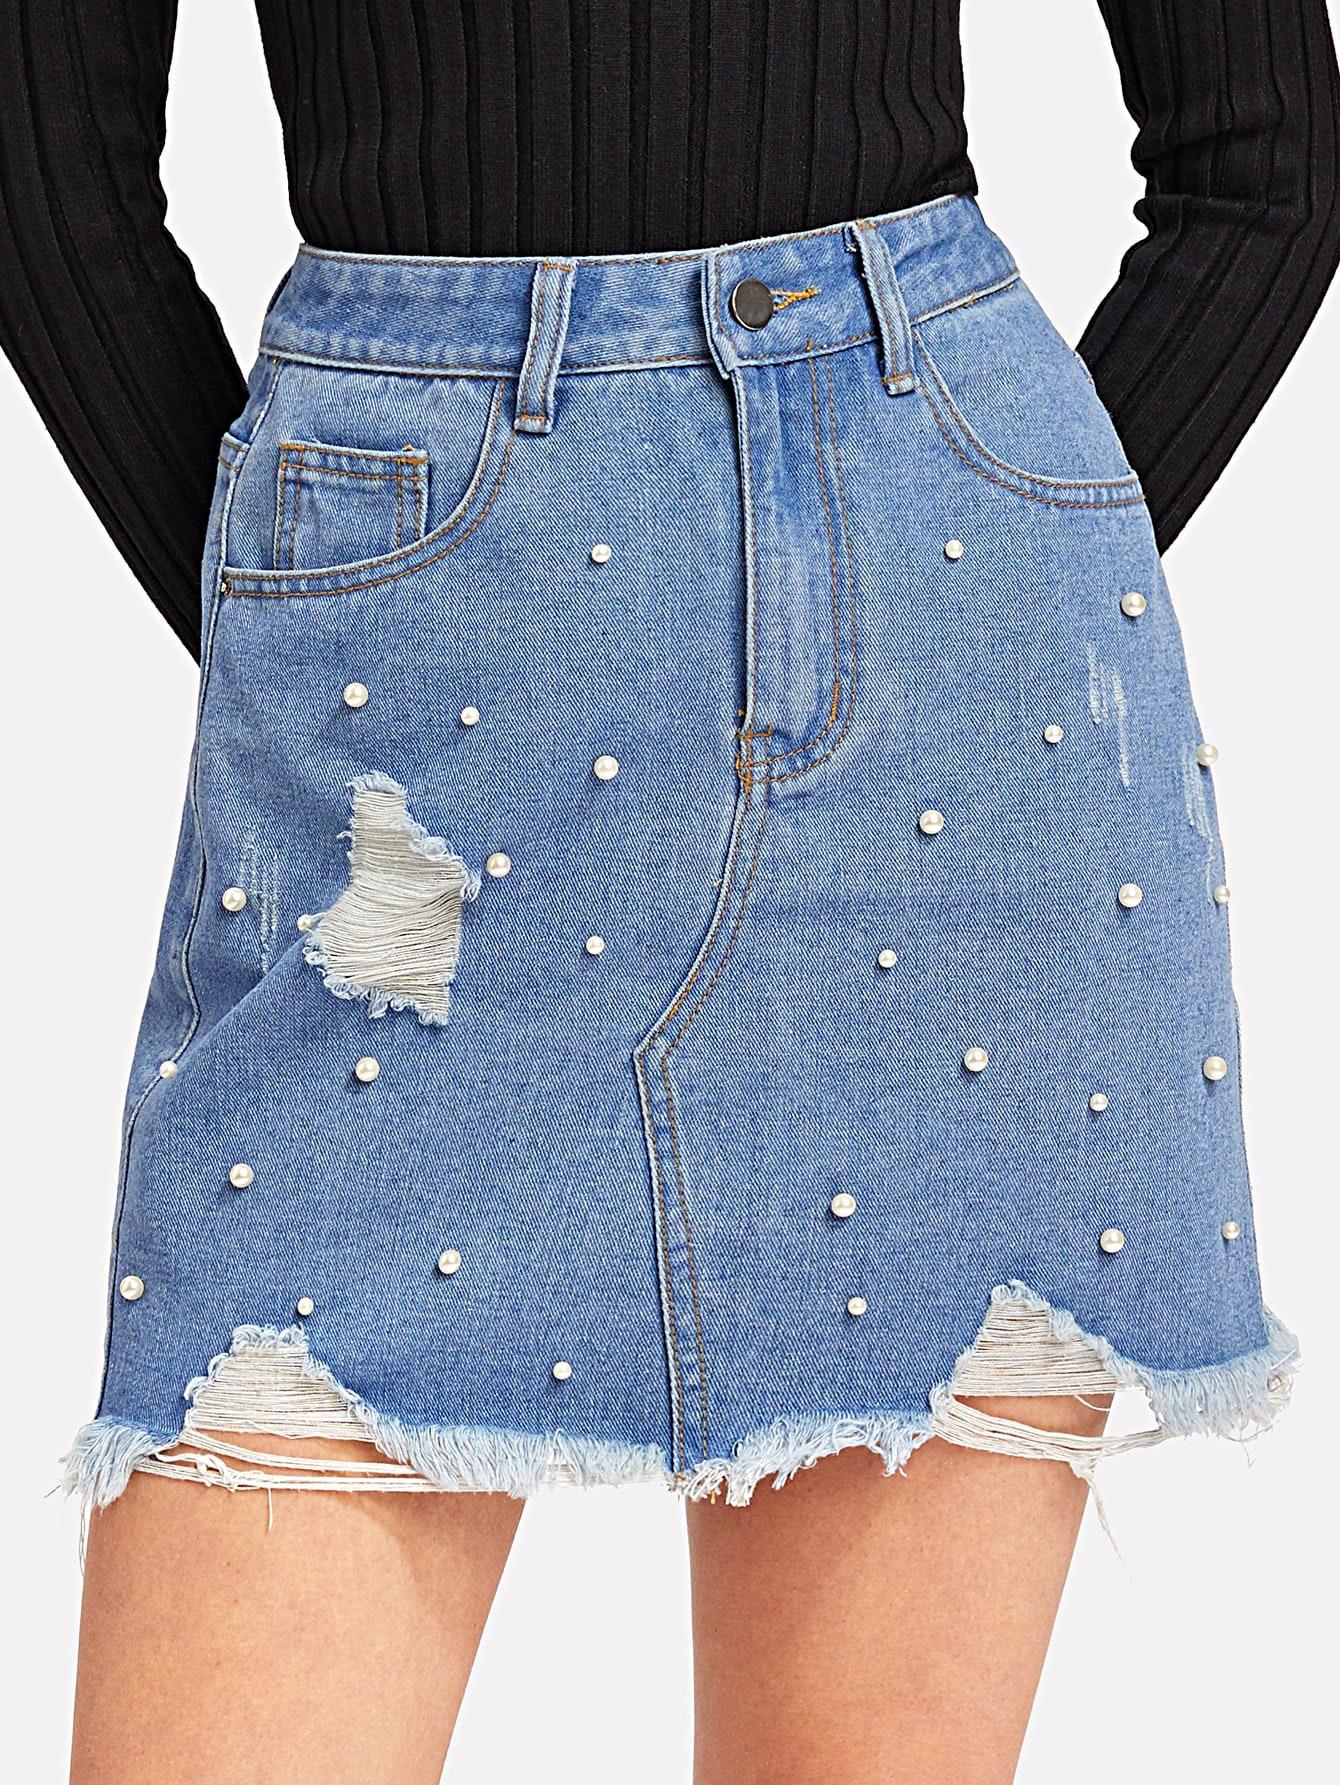 Купить Модная юбка с бусинами, Michelle, SheIn